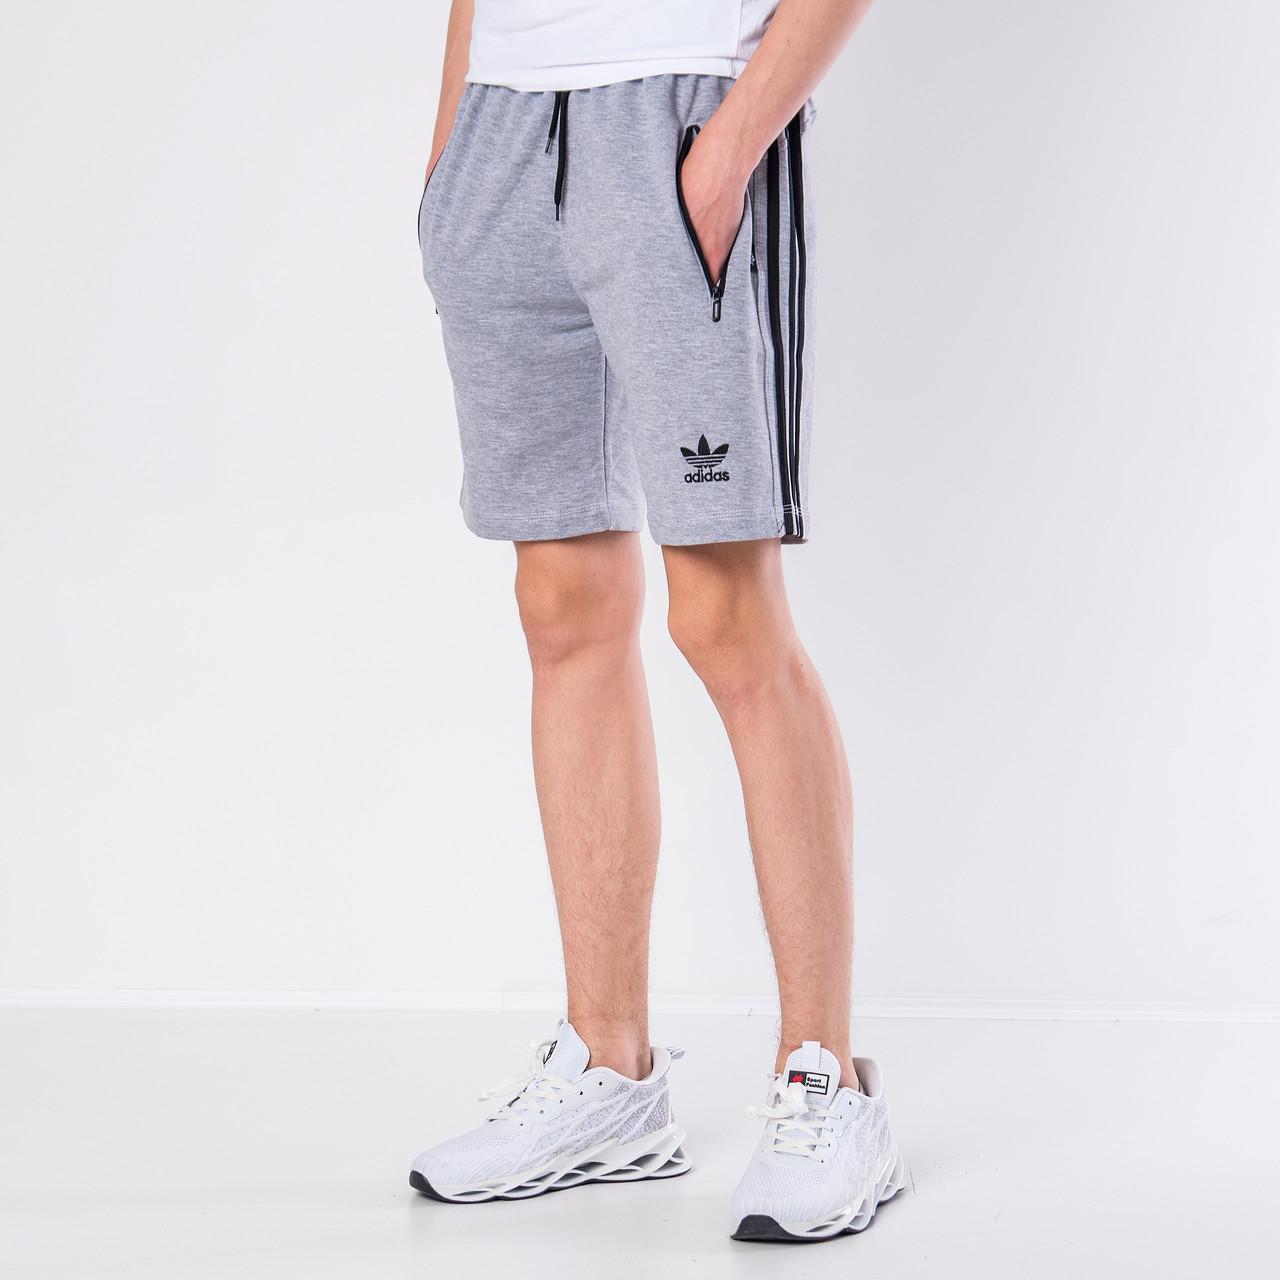 Чоловічі трикотажні щорти Adidas, сірого кольору з чорними полосками